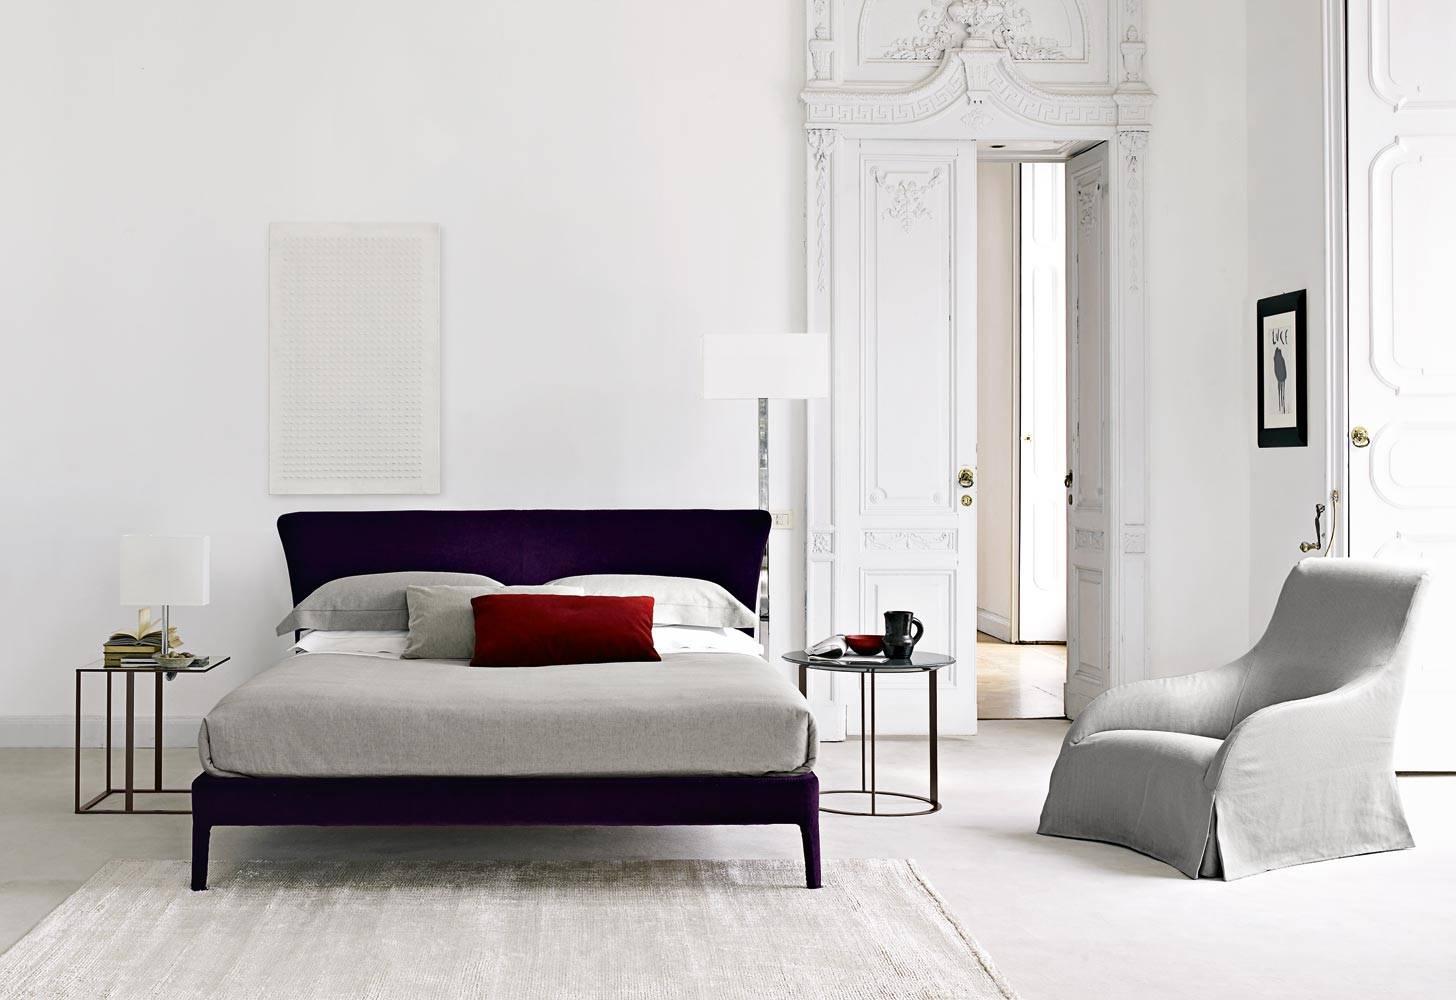 Febo, également en version lit, en six dimensions différentes, avec tête de lit élégante et accueillante, design par Antonio Citterio